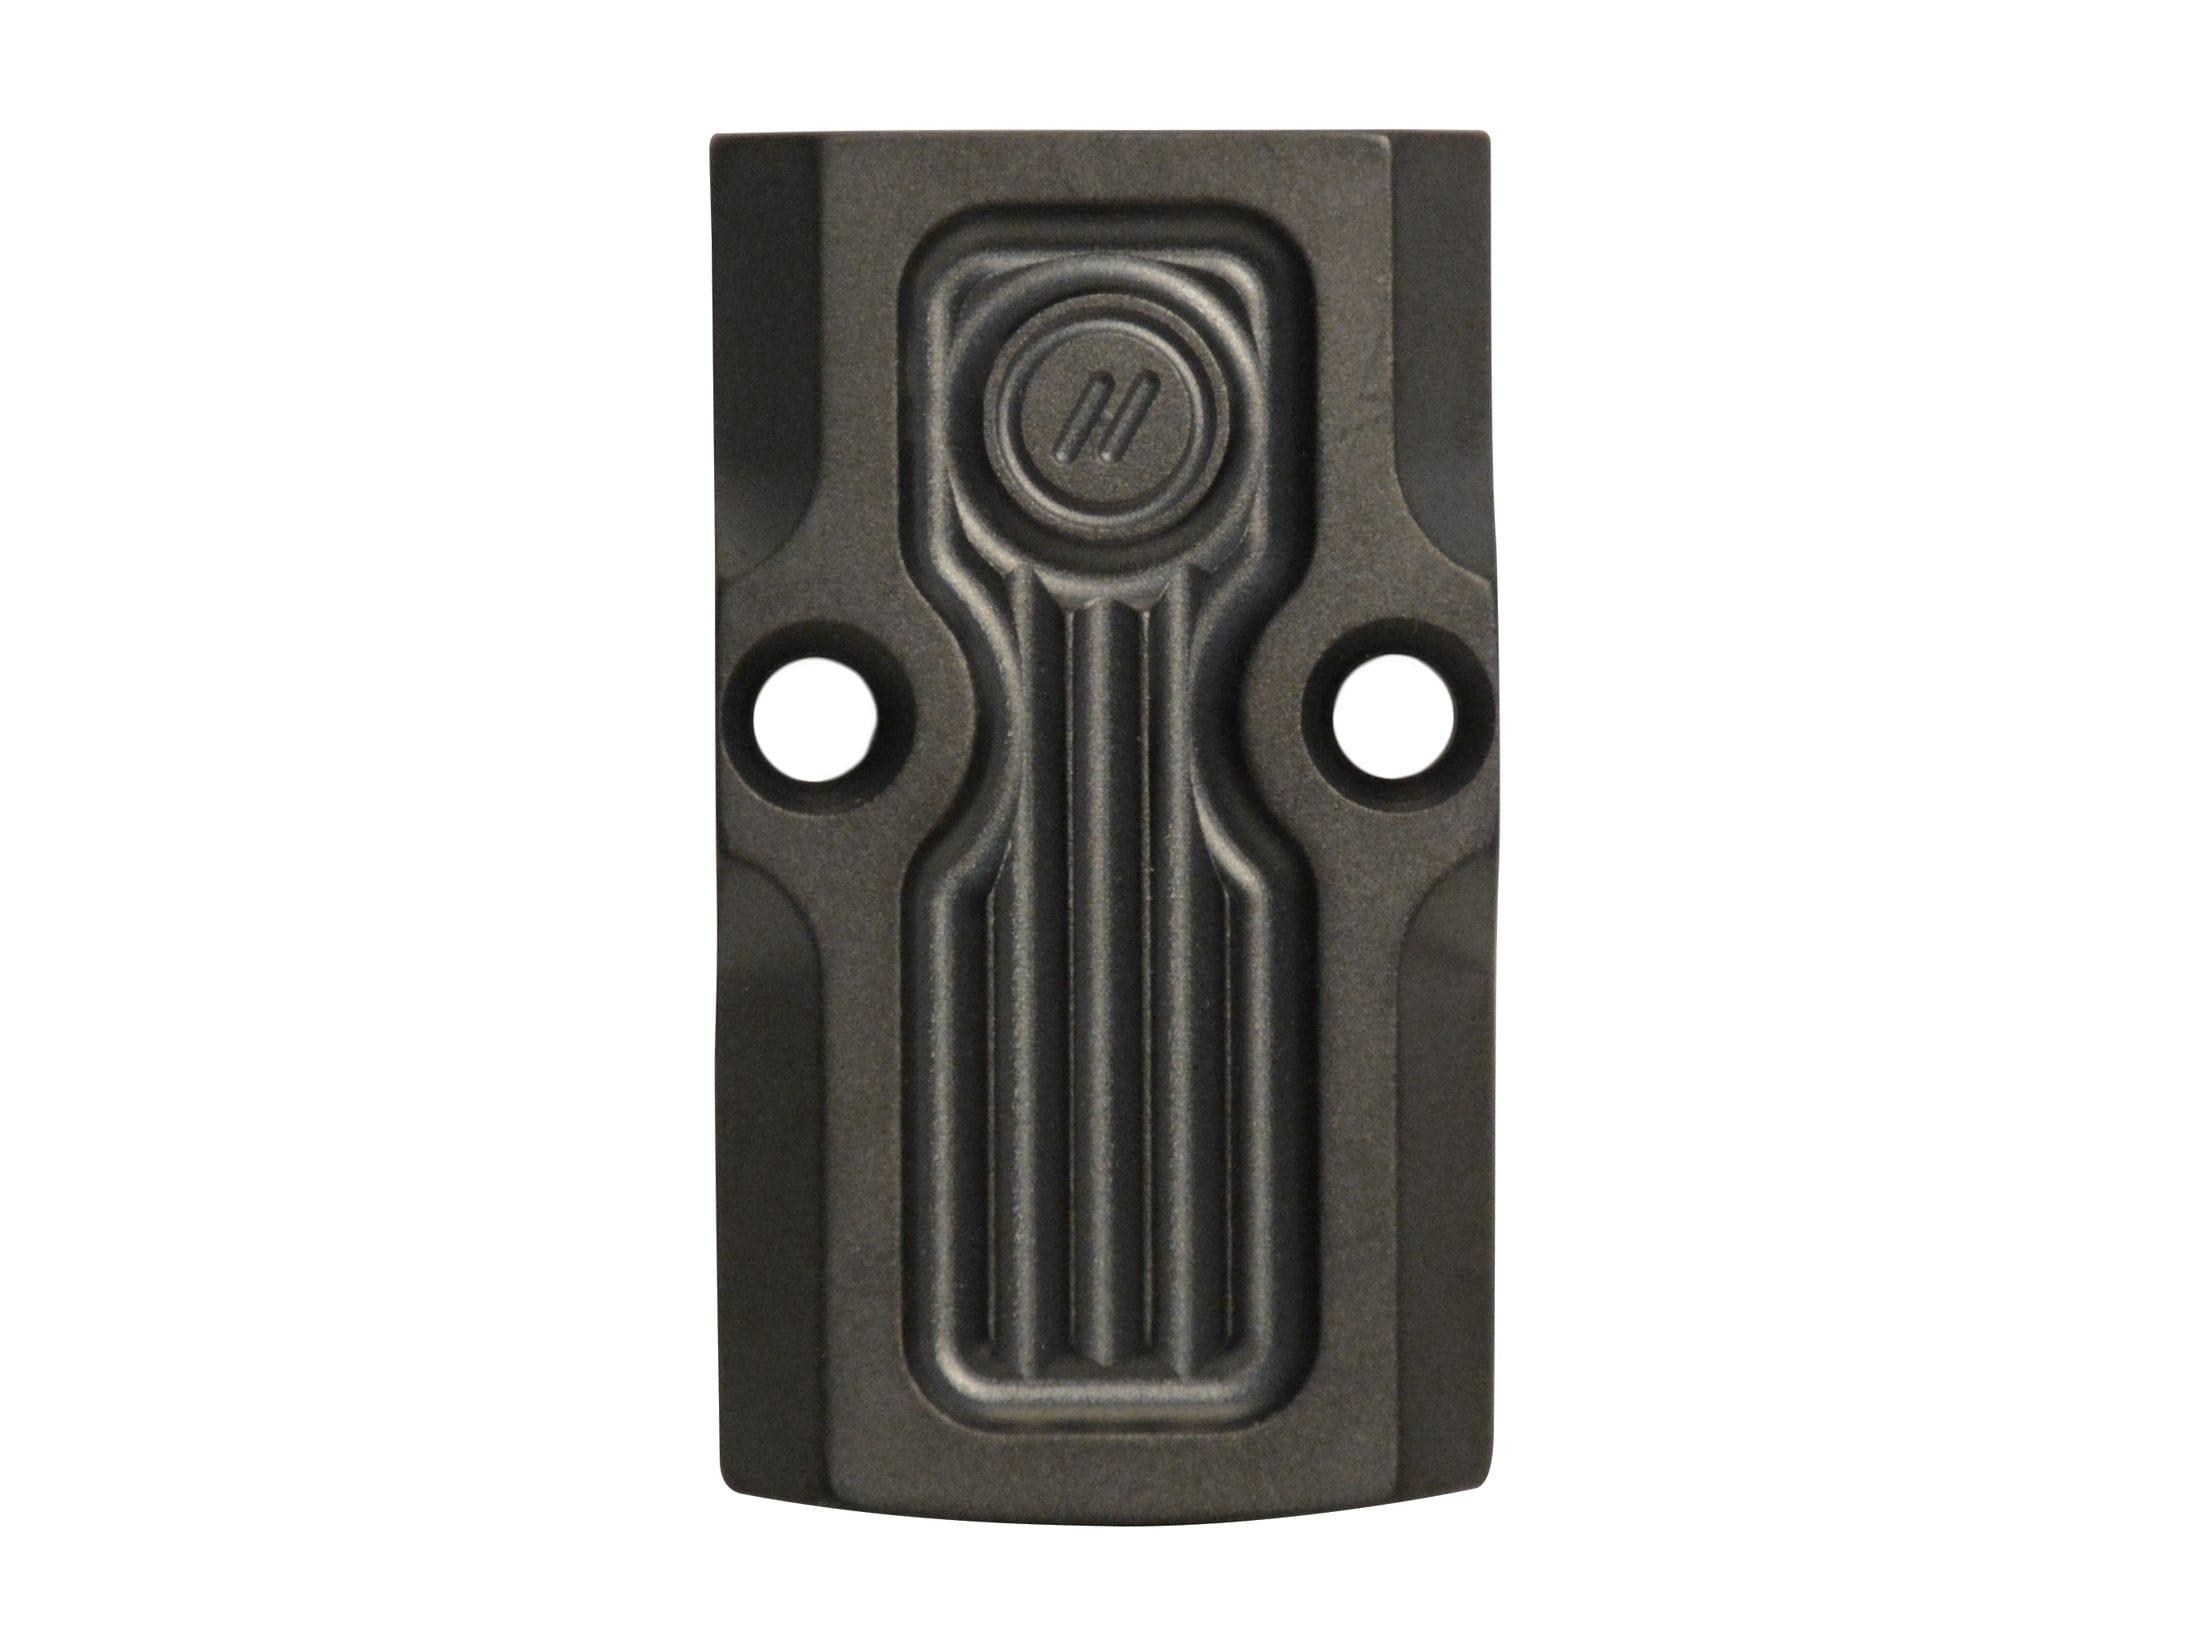 ZEV Technologies Slide Adapter RMR-Blank Stainless Steel Black DLC